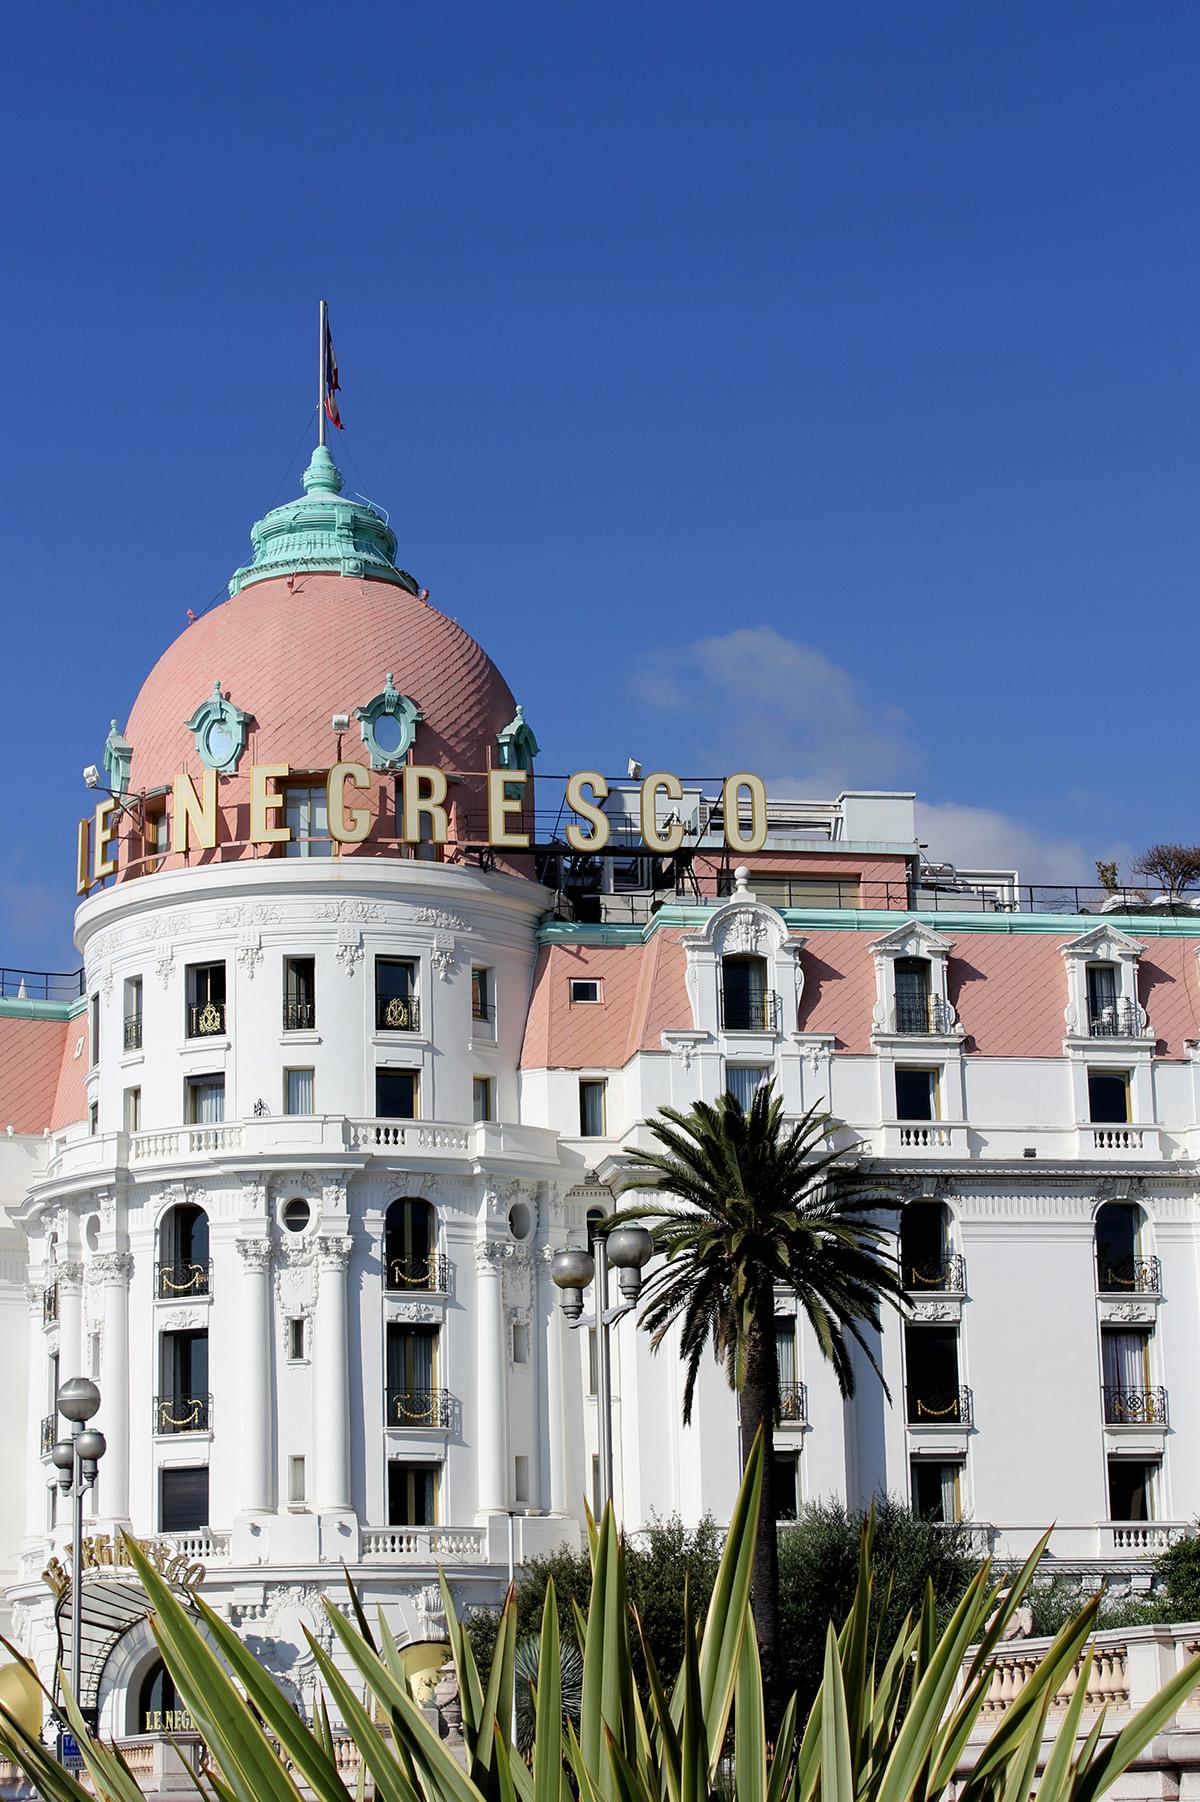 Facade of Le Negresco hotel